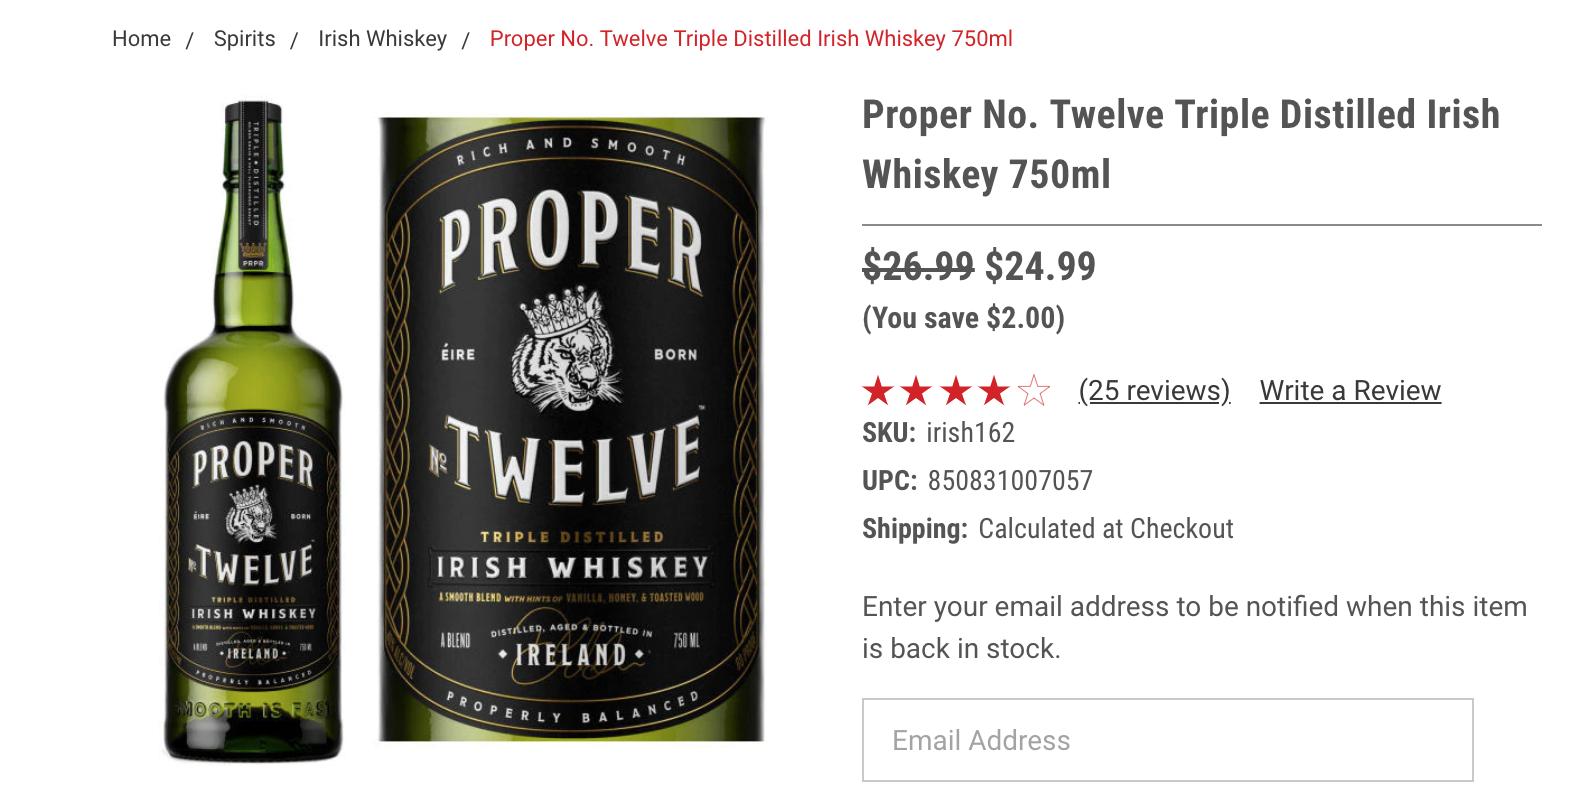 Pproper Twelve виски